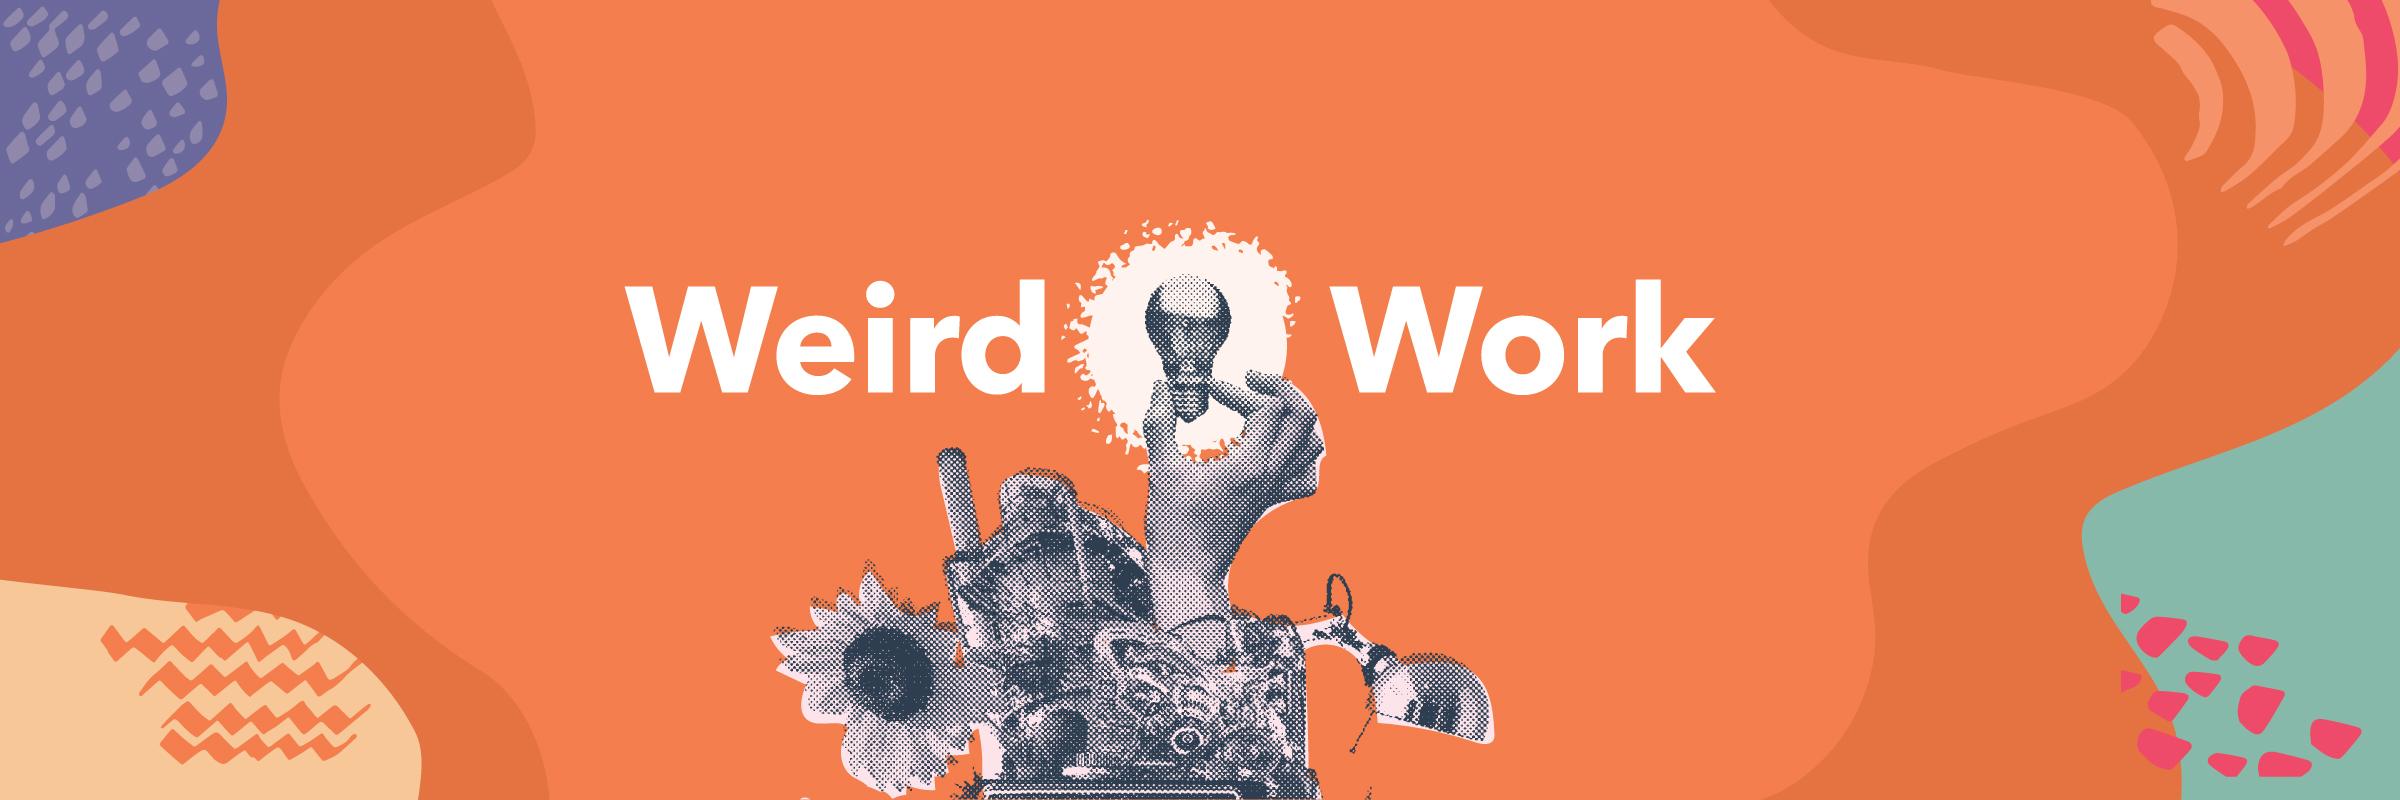 Weird Work_Banner